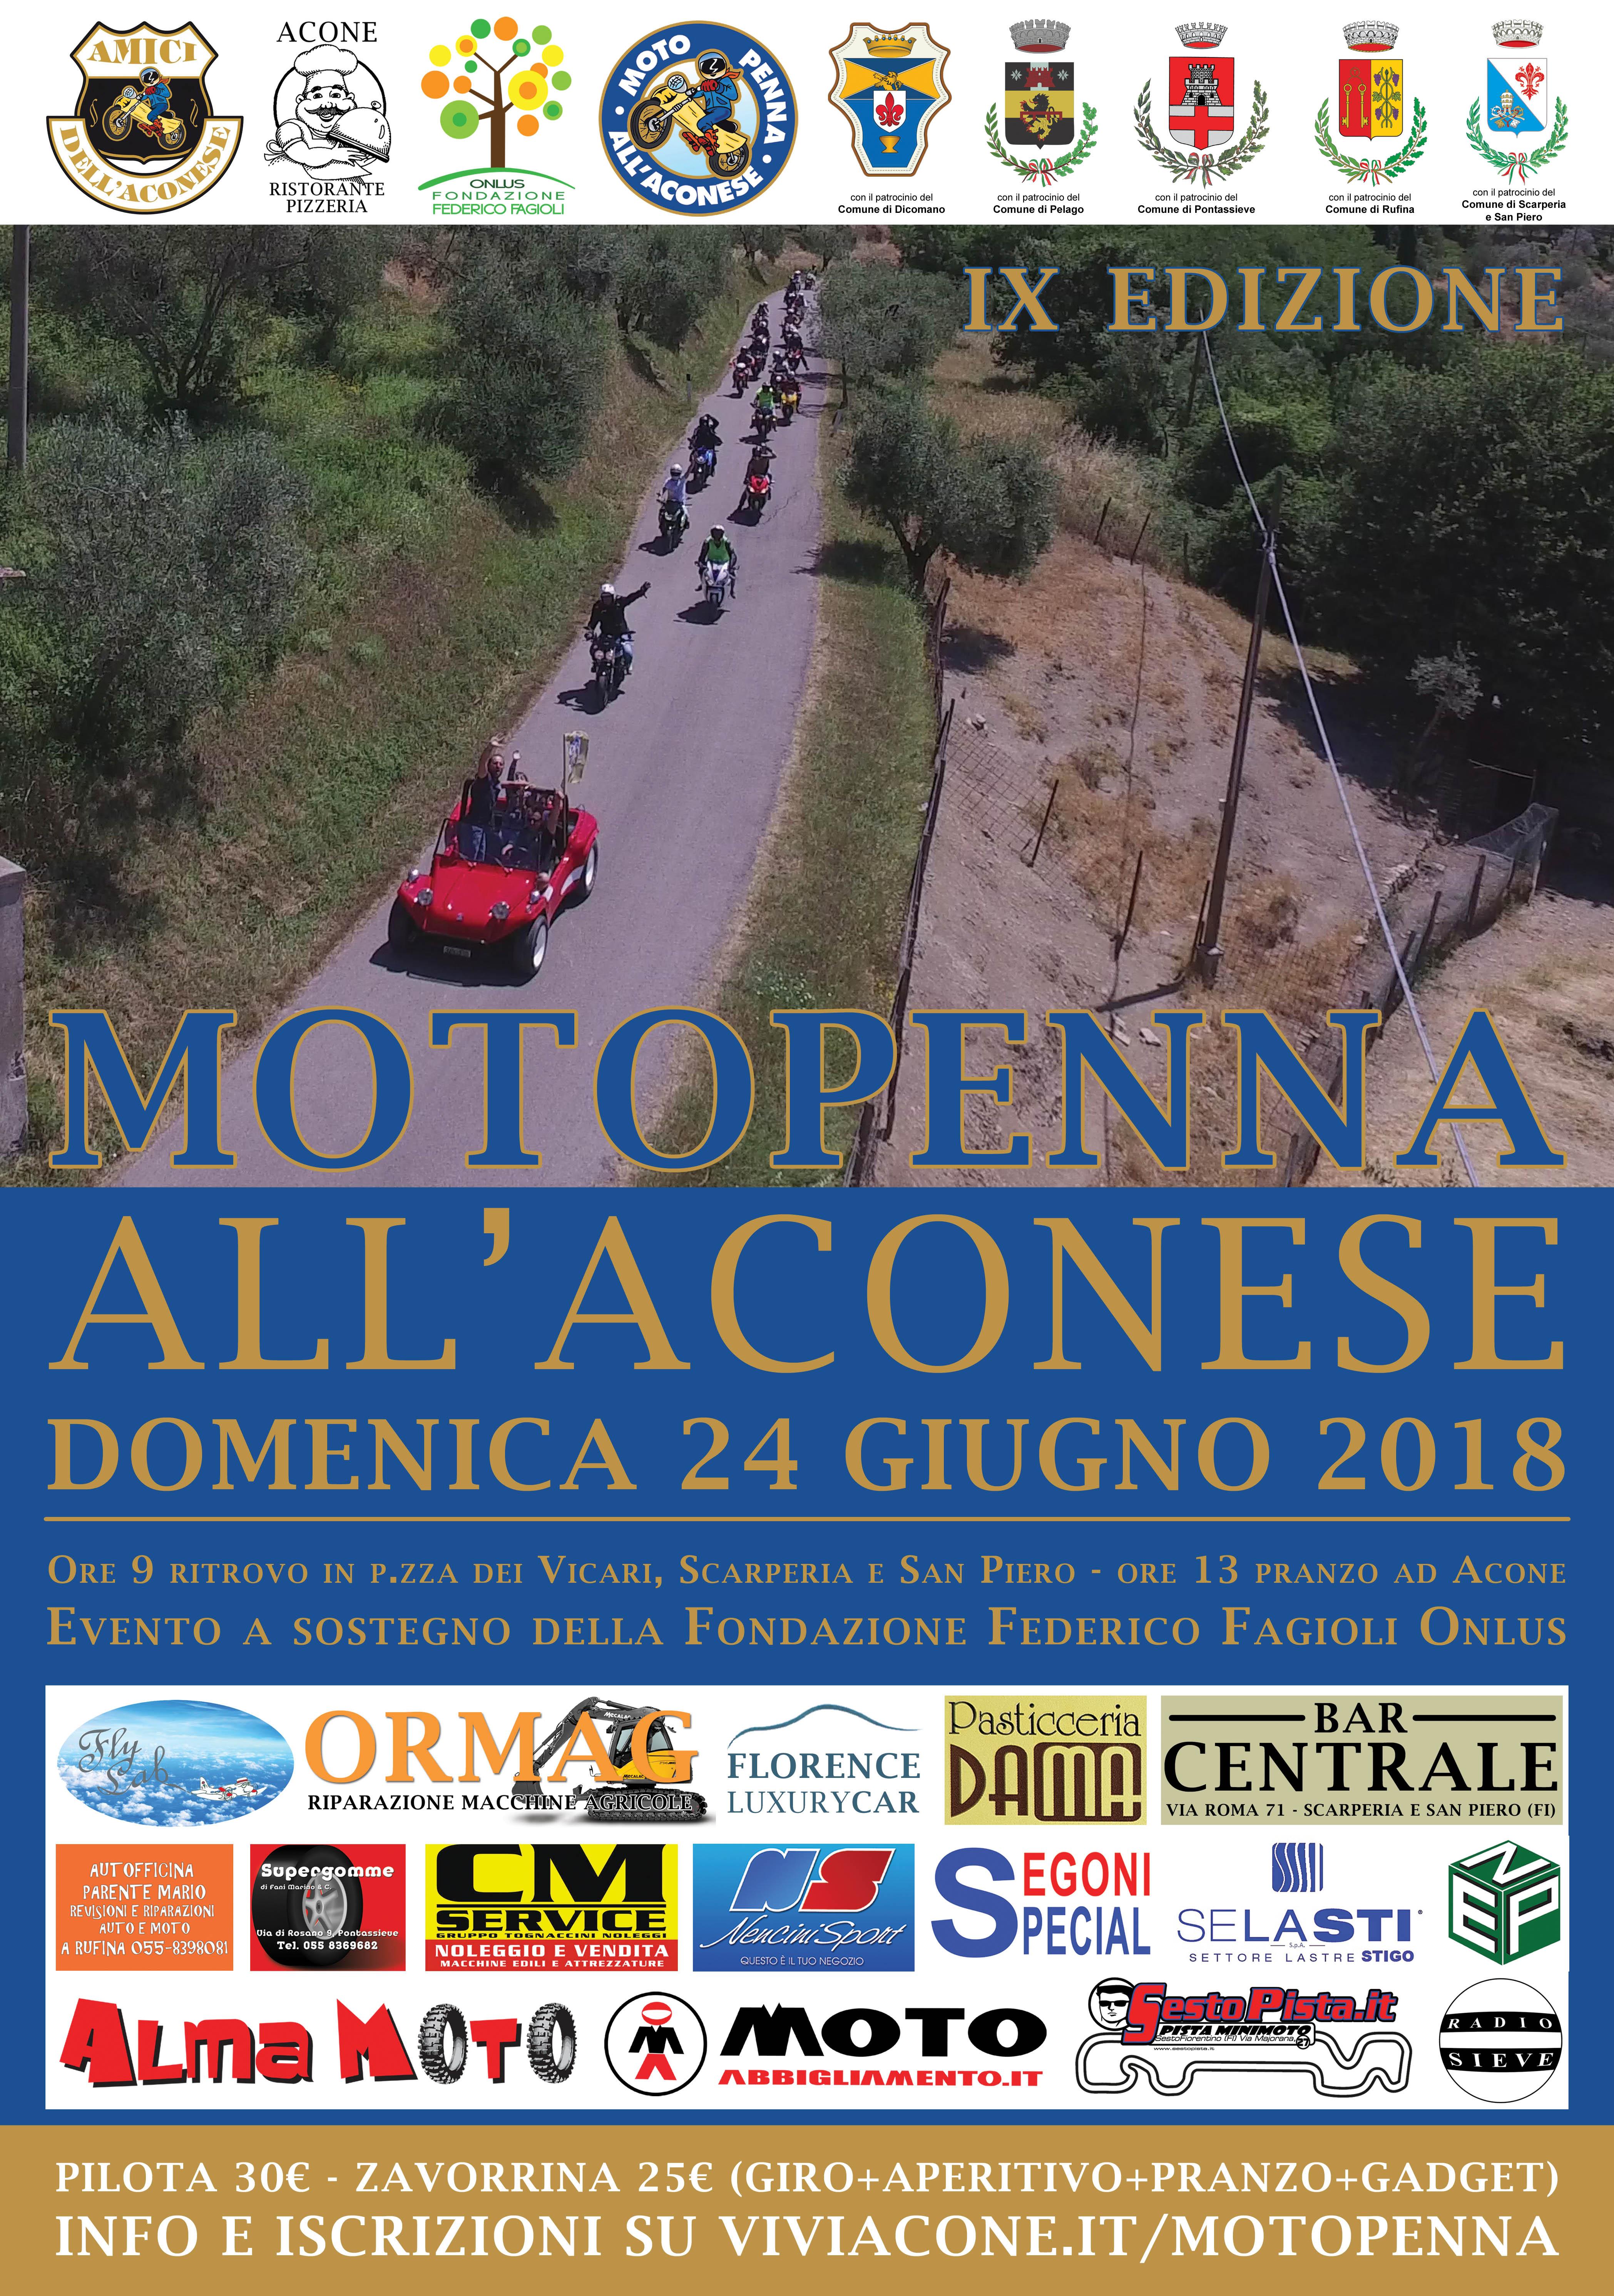 Motopenna all'Aconese - Domenica 24 giugno 2018 dalle ore 9